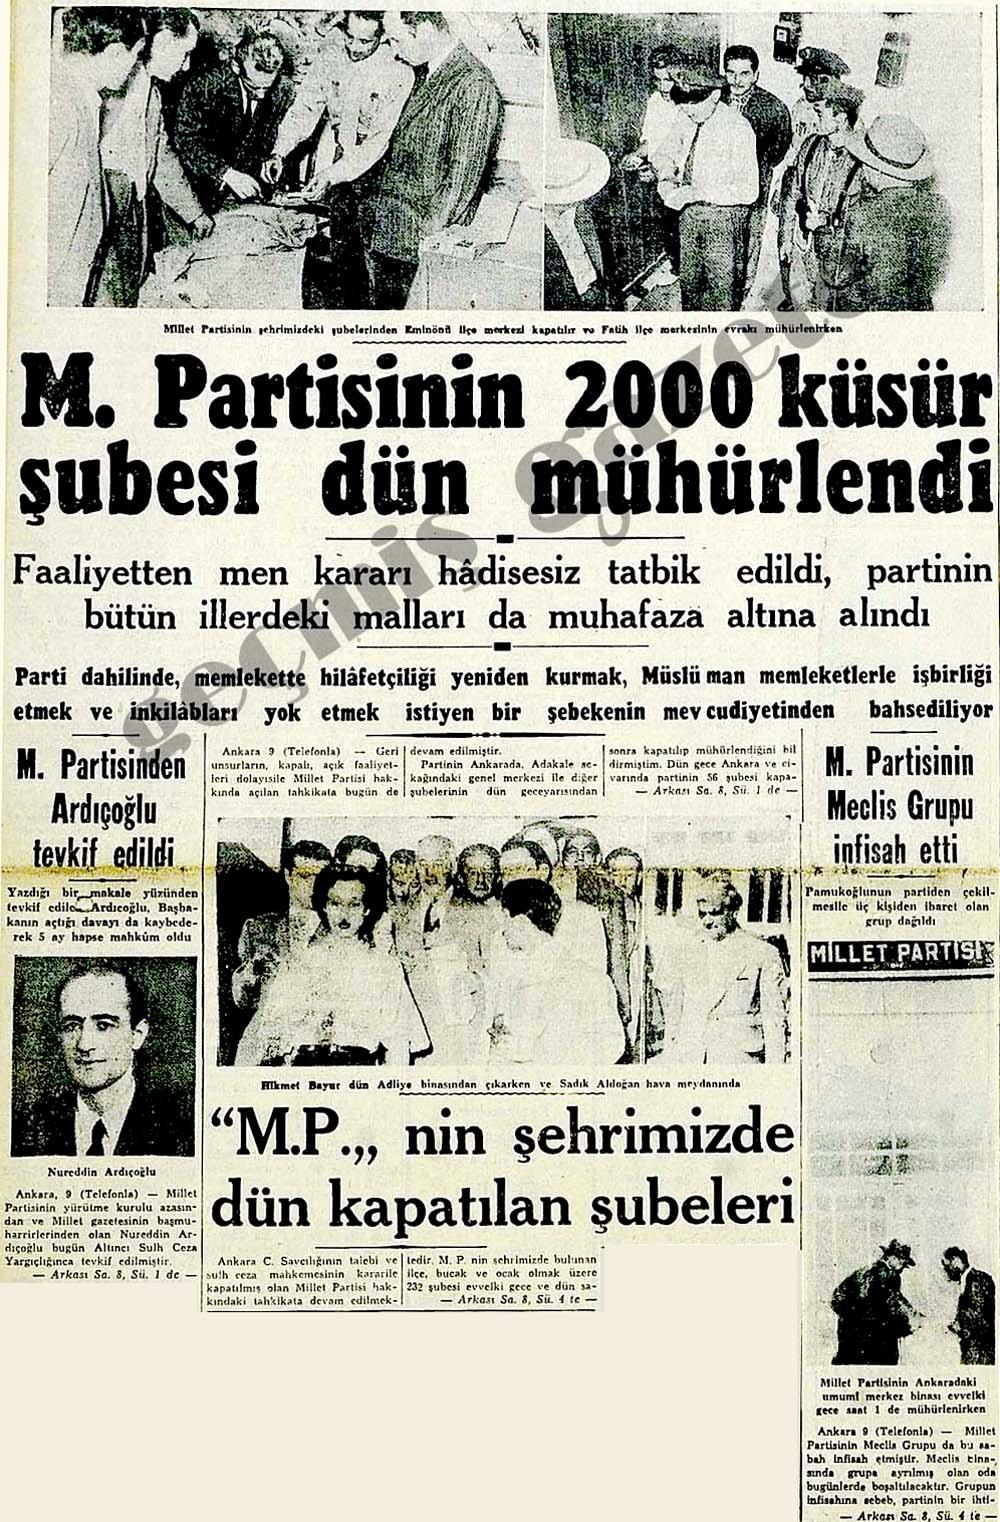 M. Partisinin 2000 küsür şubesi dün mühürlendi.